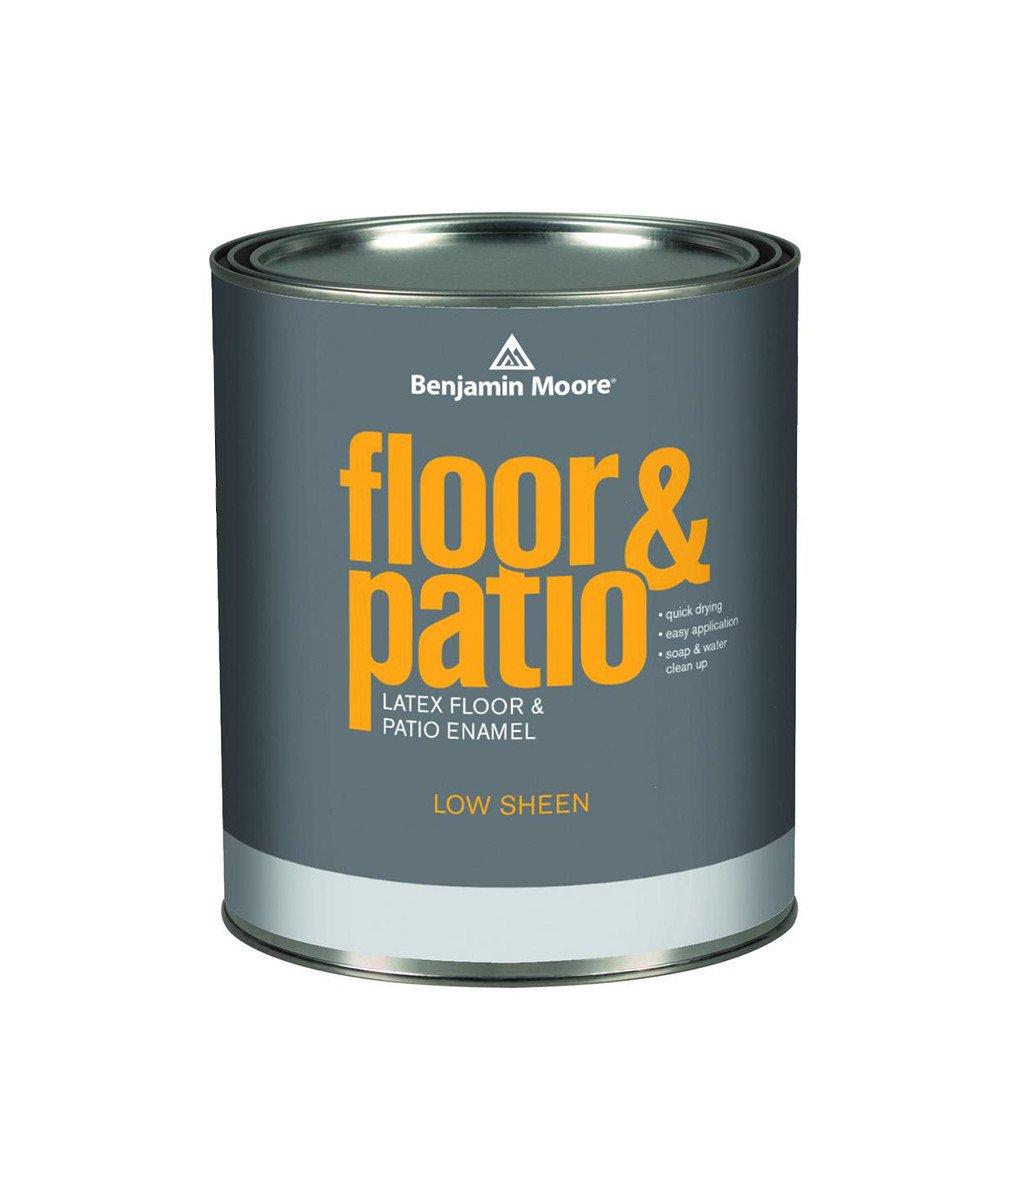 Floor & Patio Low Sheen Enamel Low Sheen (BM)